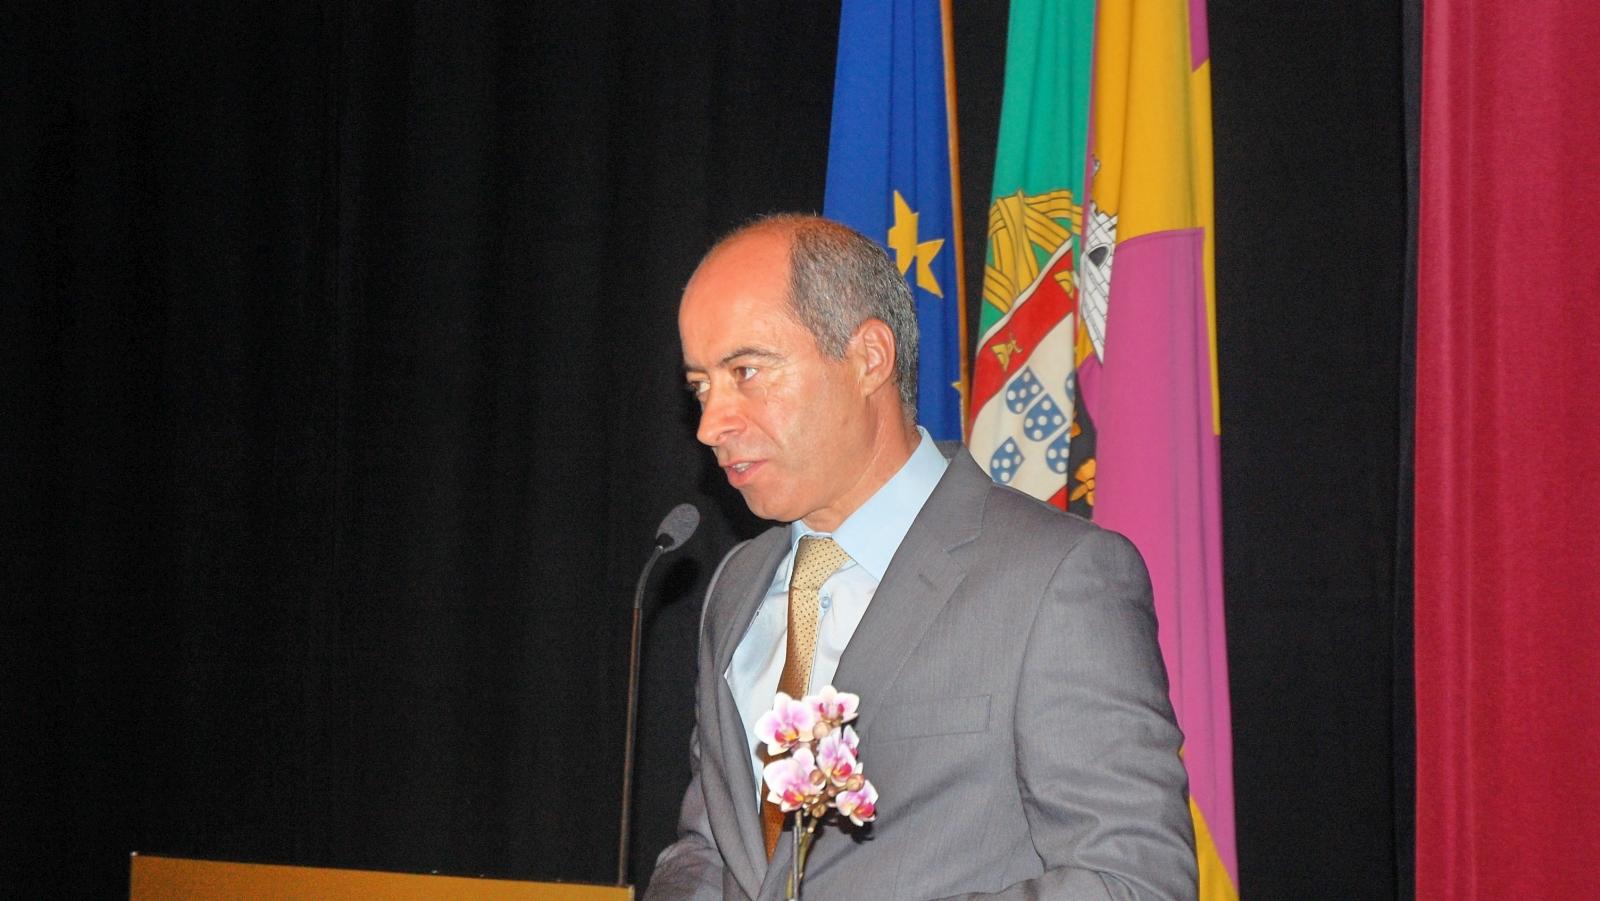 Inácio Ribeiro